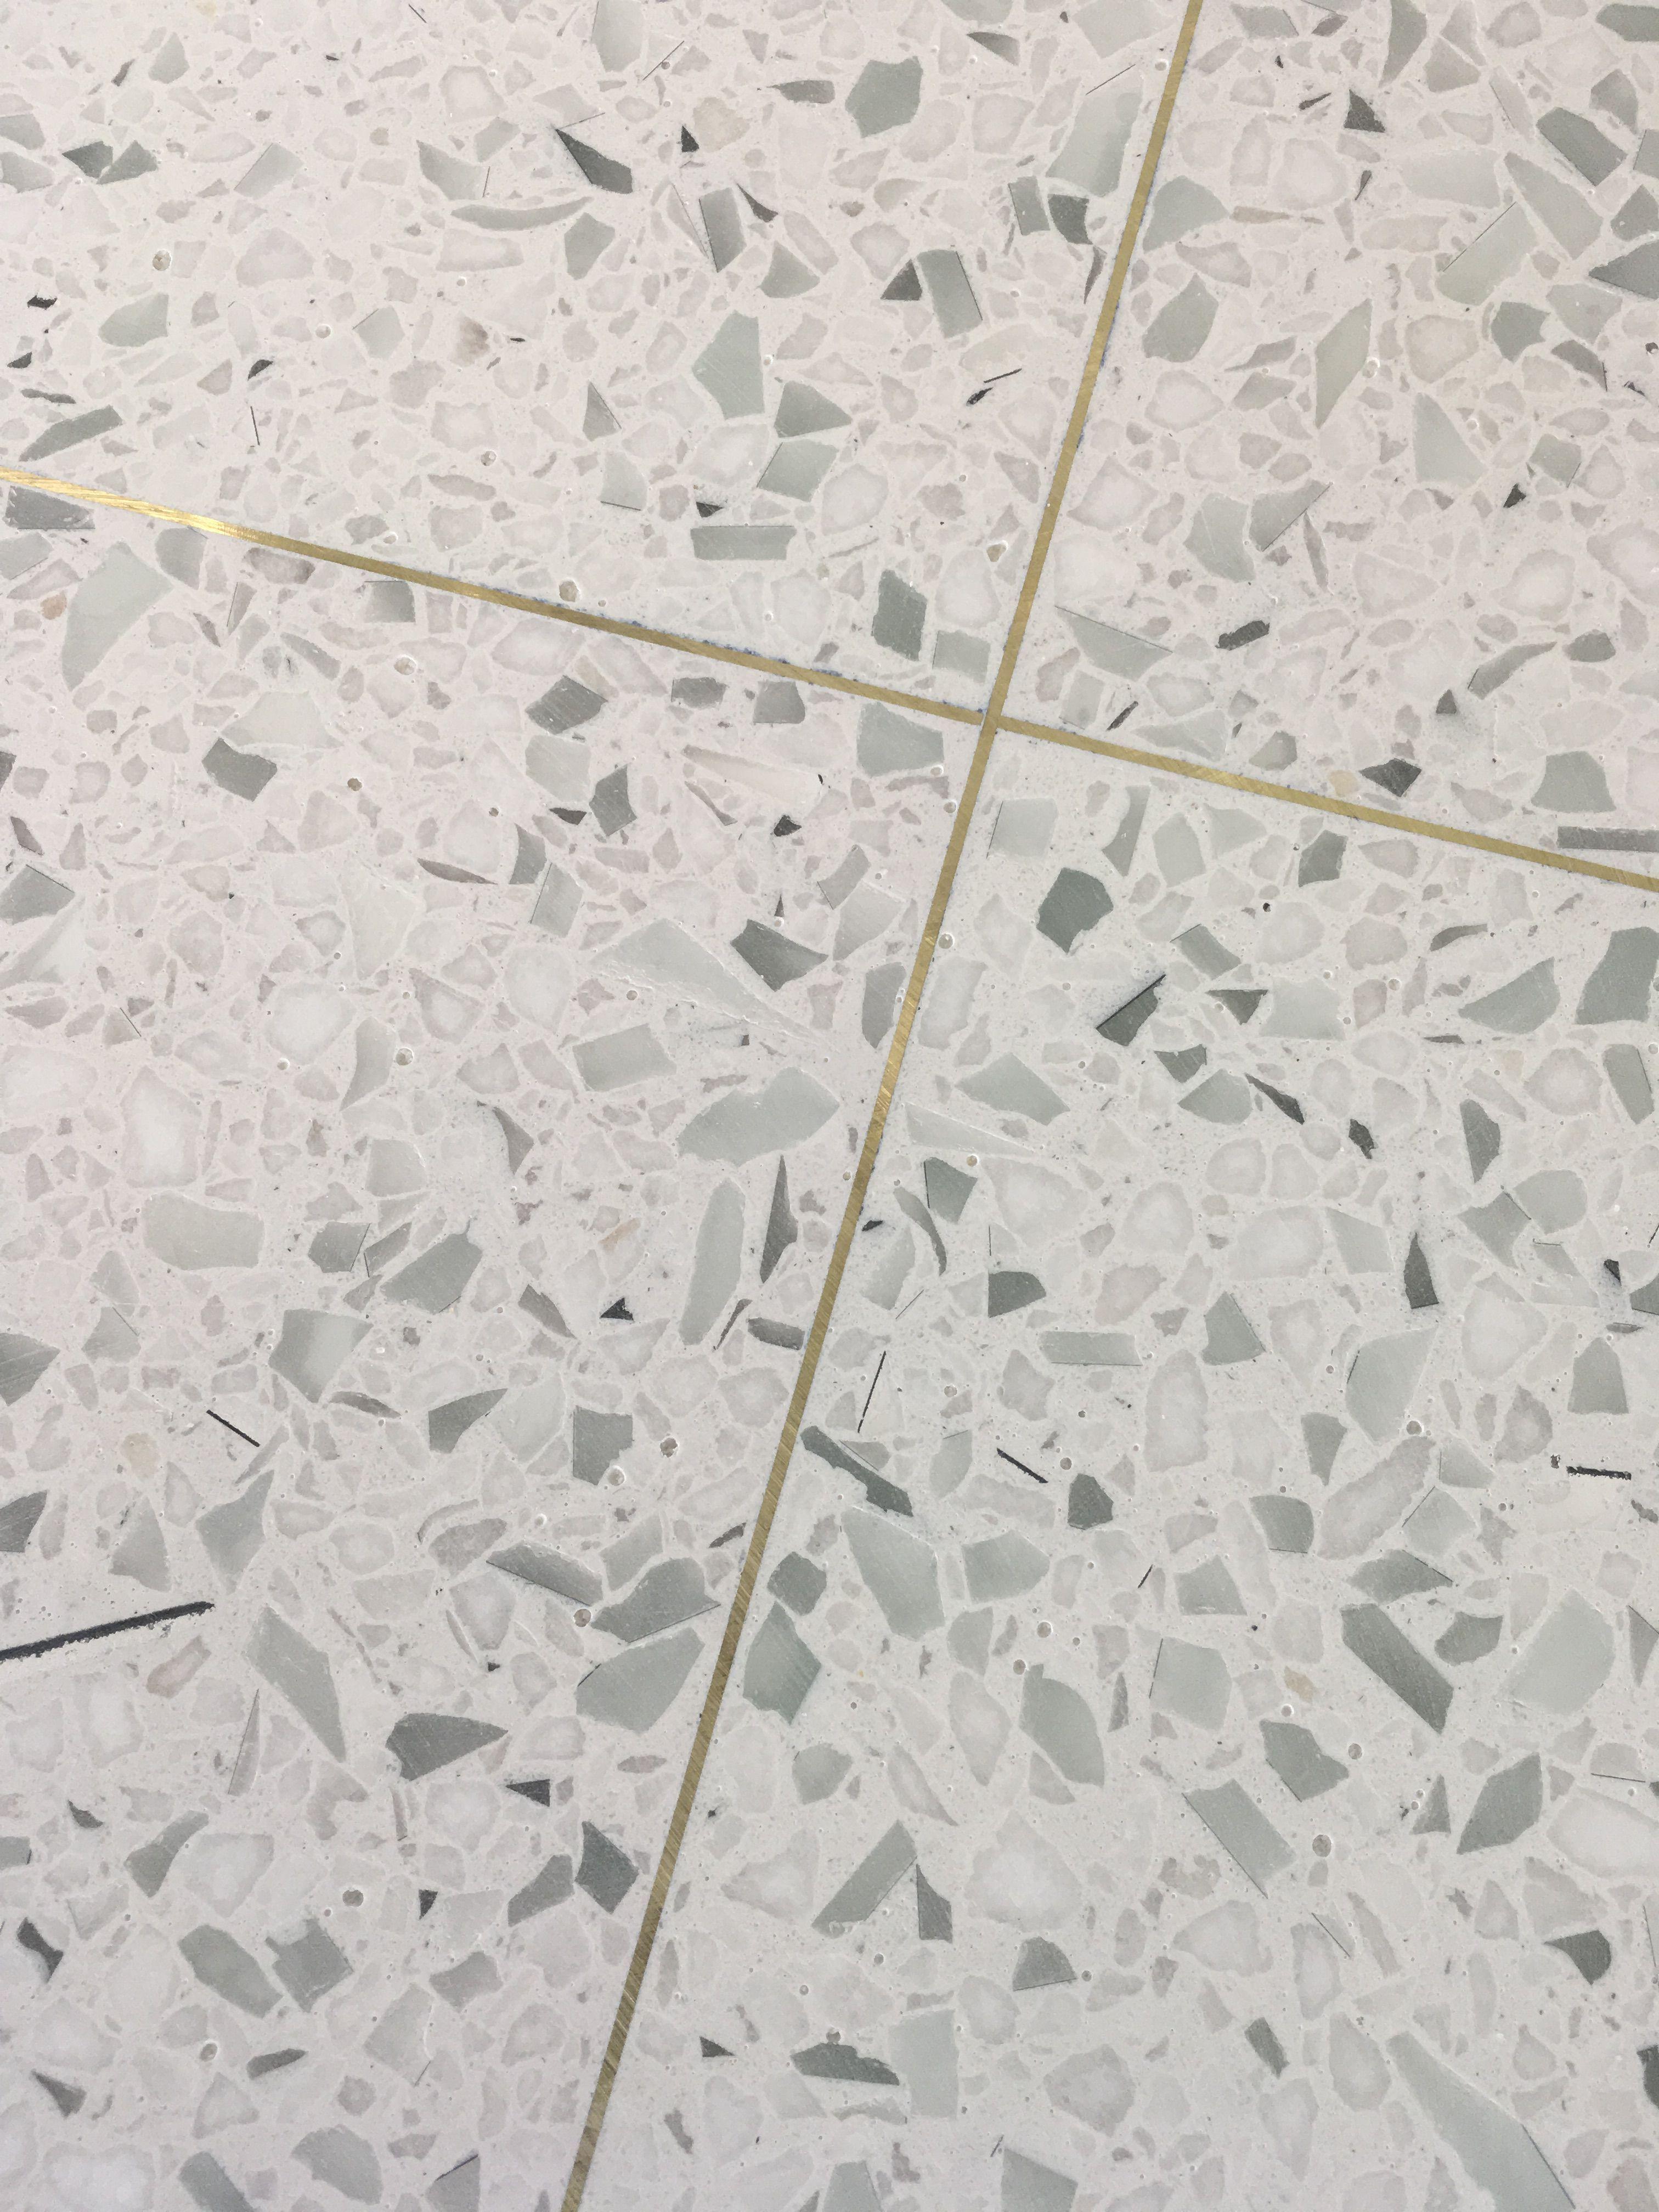 Pin On Terrazzco Floor Details